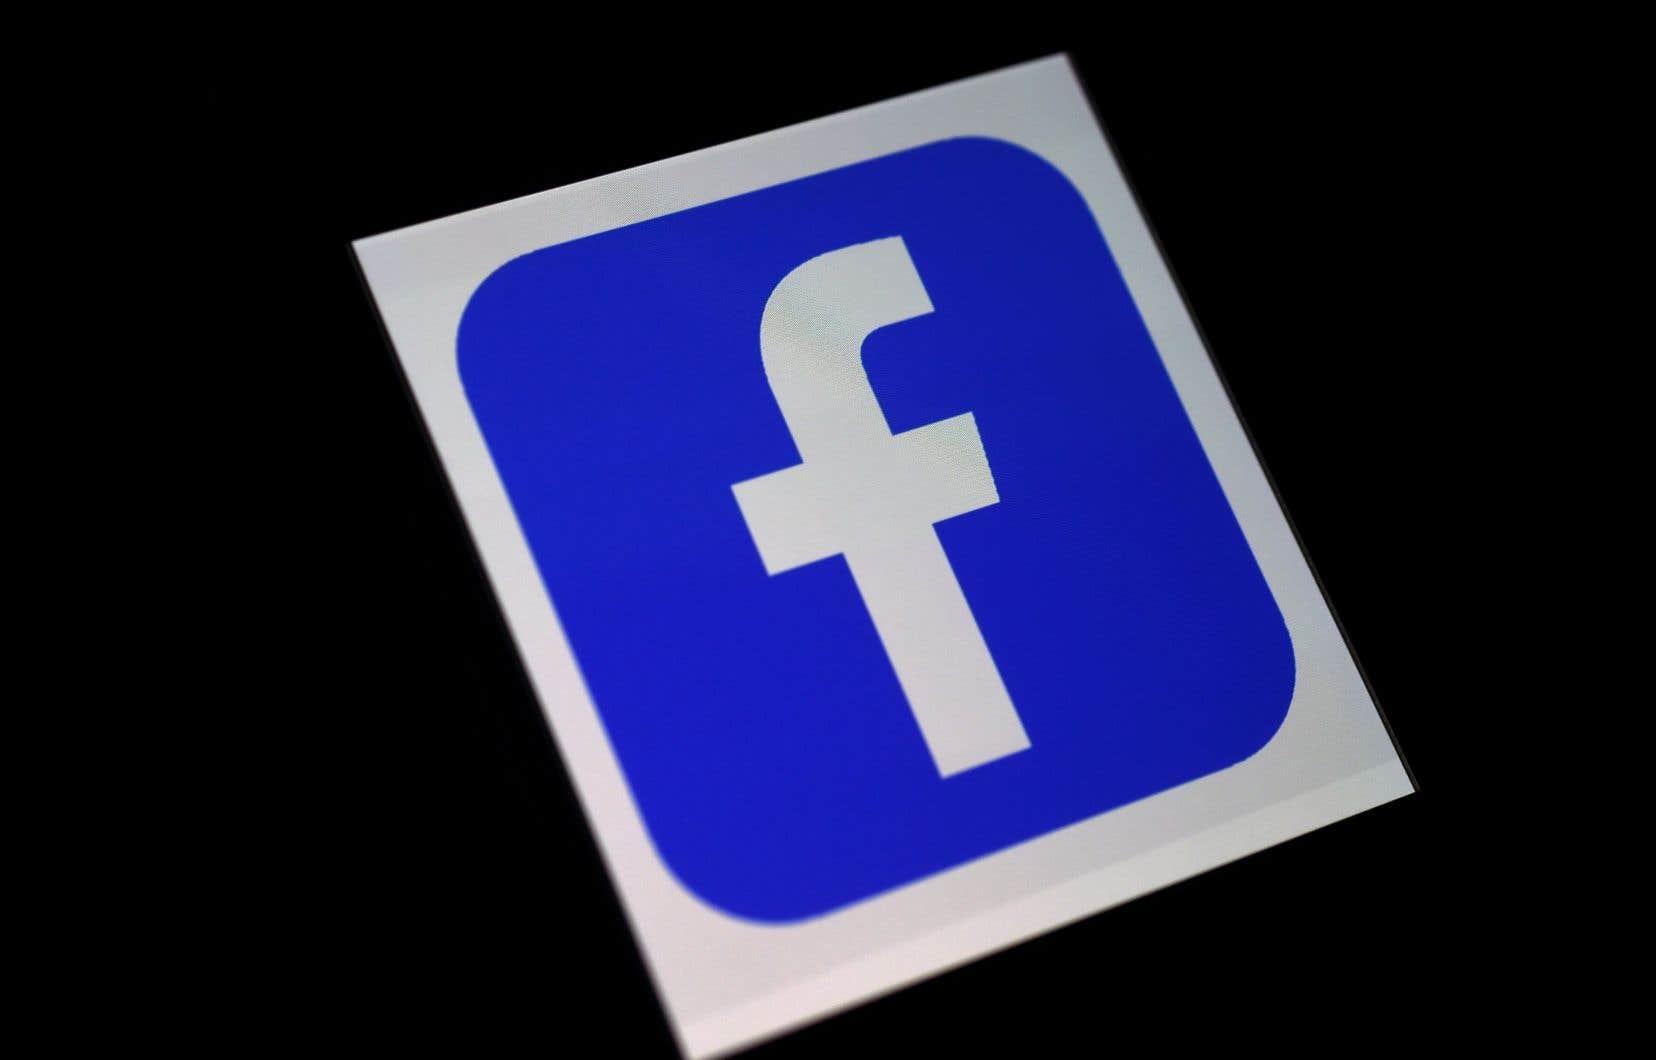 Facebook a soutenu cette semaine avoir pris des mesures pour contrer le racisme sur ses plateformes.